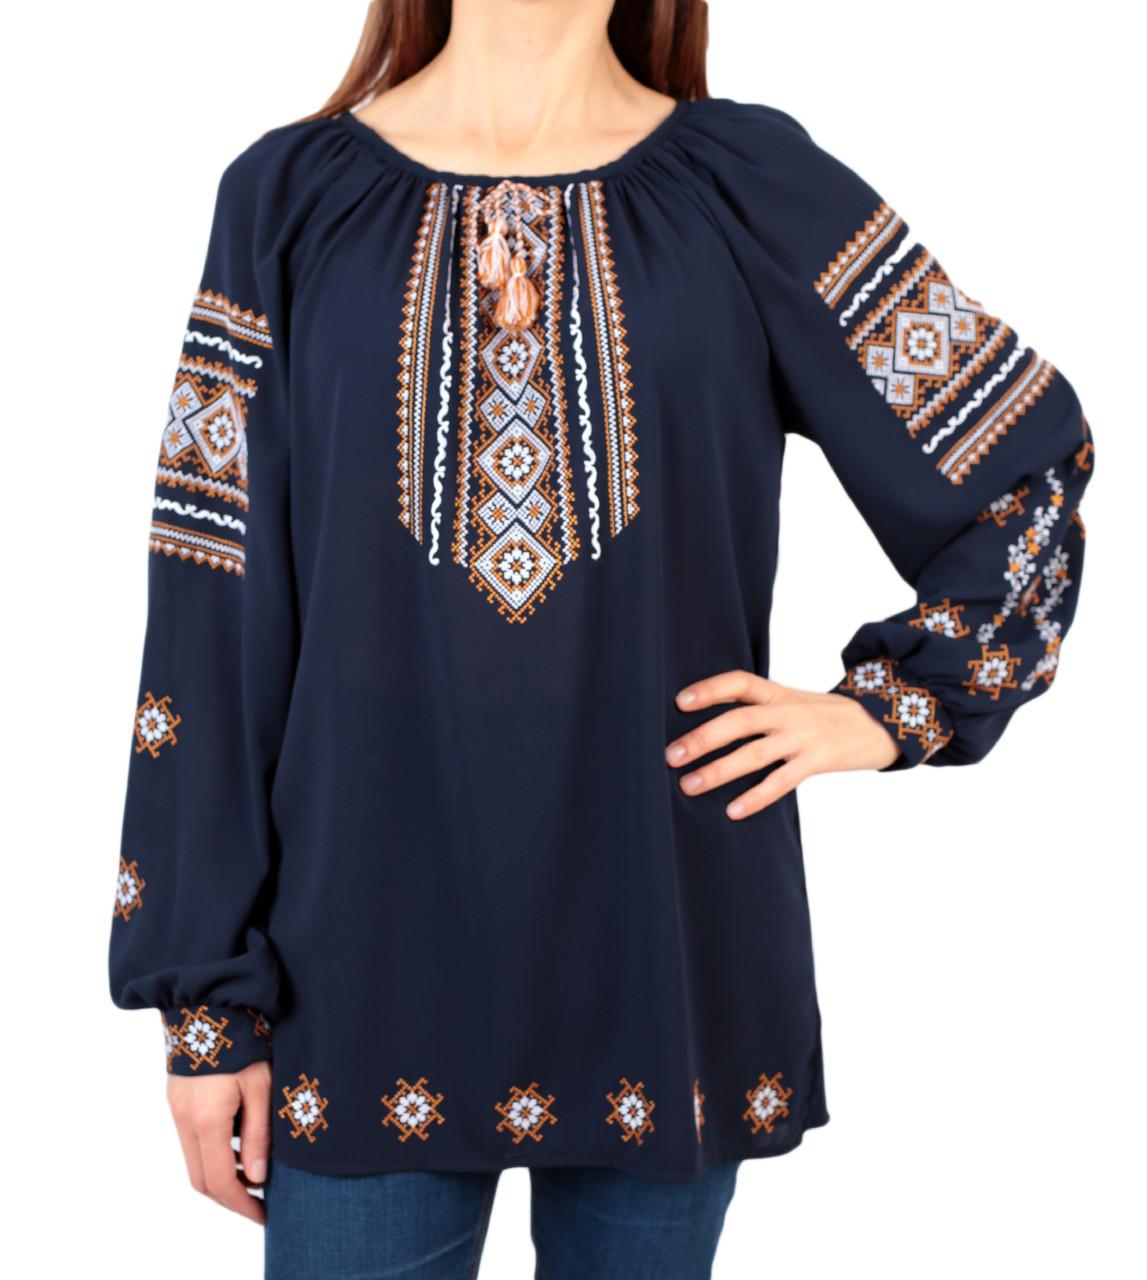 52696166ba1 Жіноча шифонова блузка синього кольору з етнічним орнаментом ...